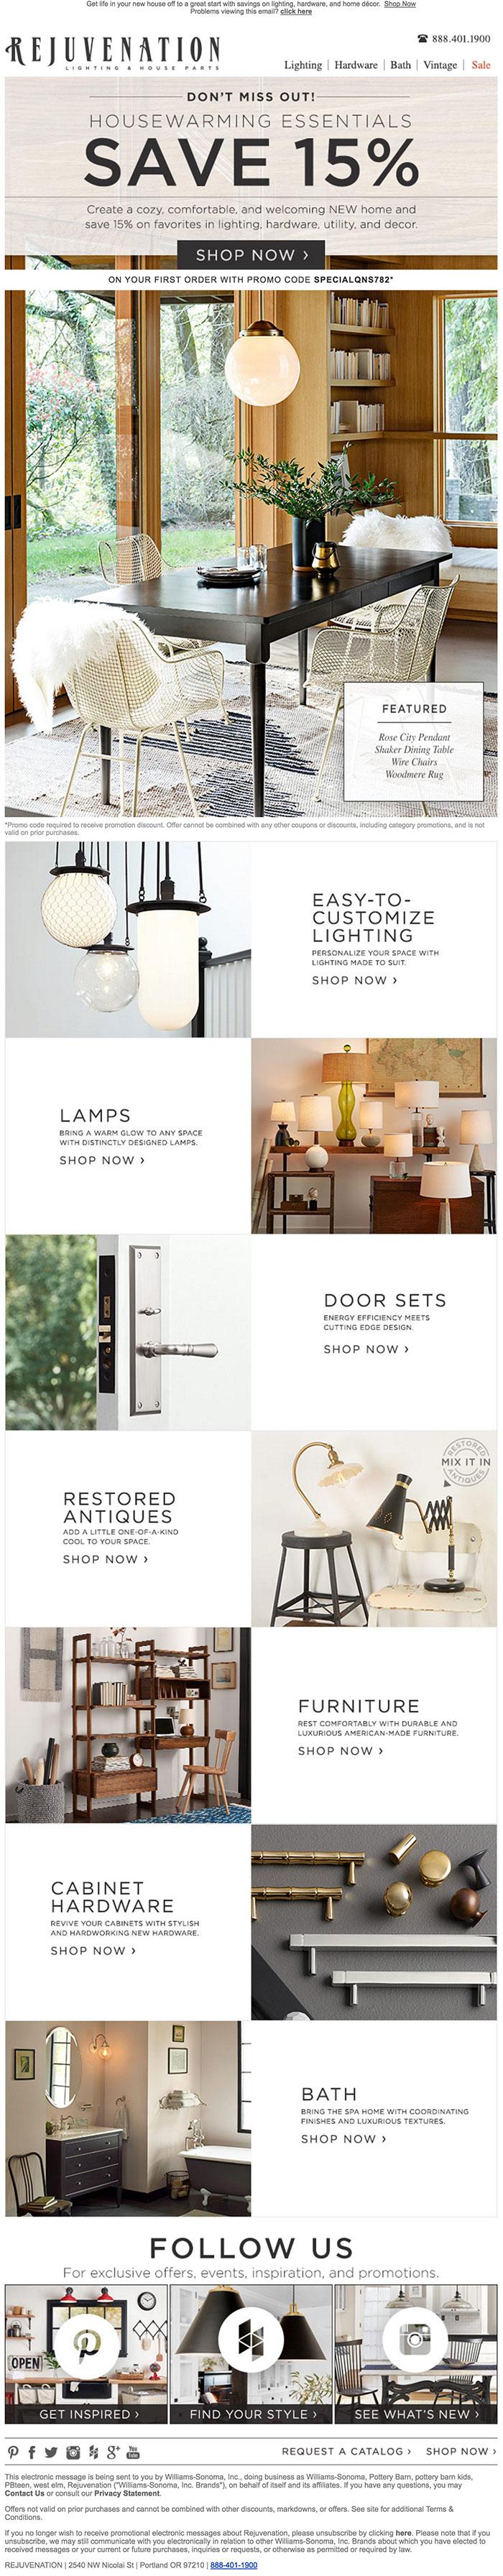 Rejuvenation Homegoods Email design example